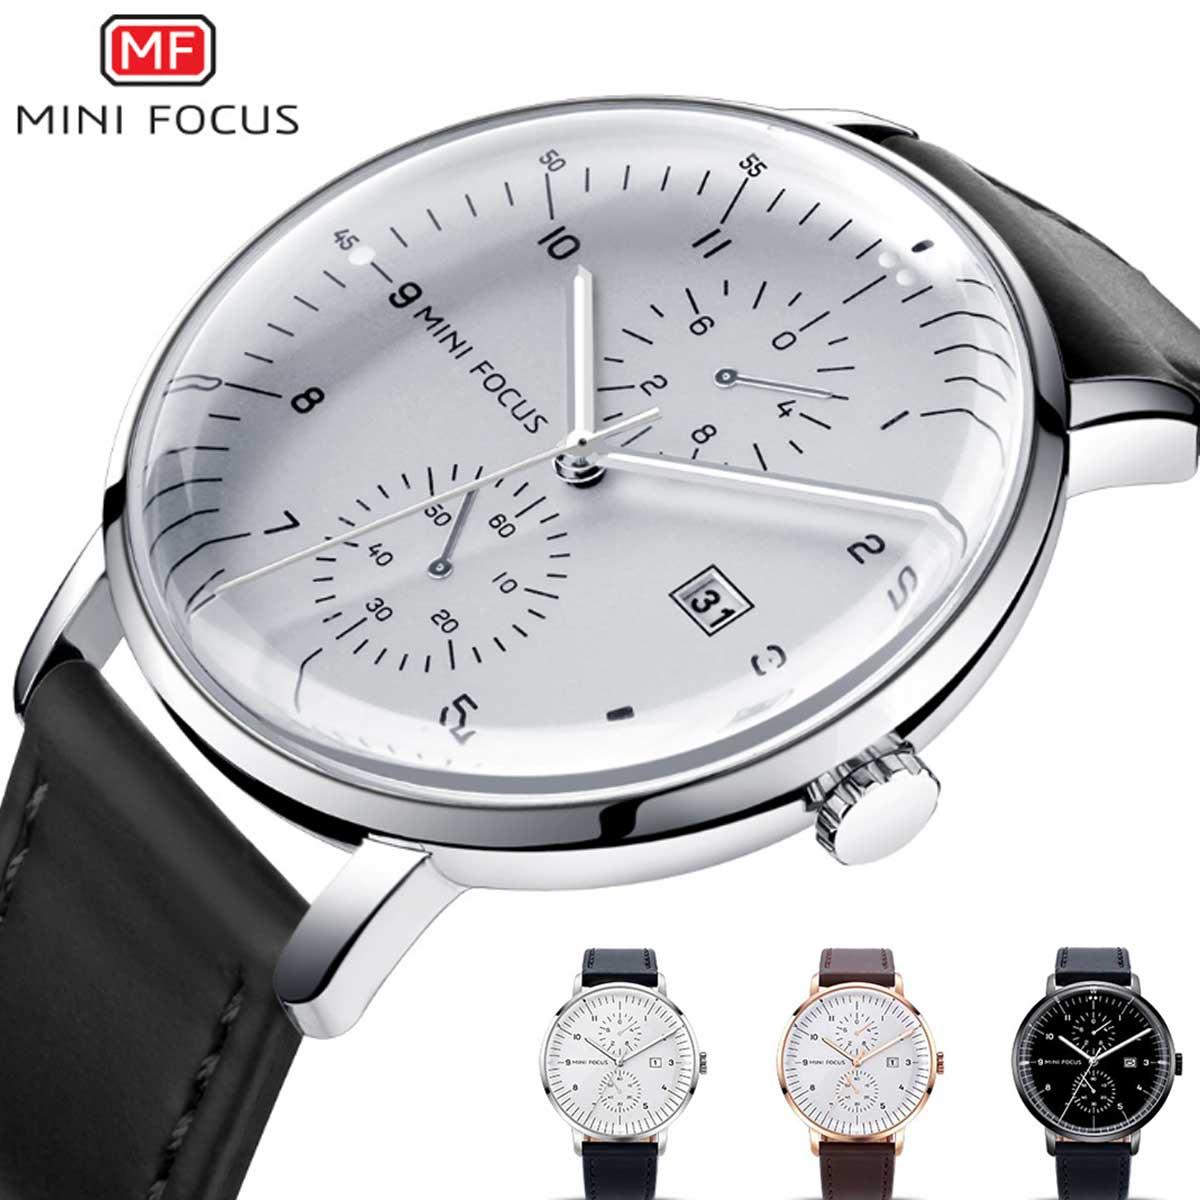 【宅急便送料無料】メンズウォッチ メンズ 時計 ジェニュインレザーメンズウォッチ 腕時計 ブレスレット カジュアル時計 メンズ時計 シンプル レザー ビジネス時計 レザーベルト時計 ラッピング対応あり